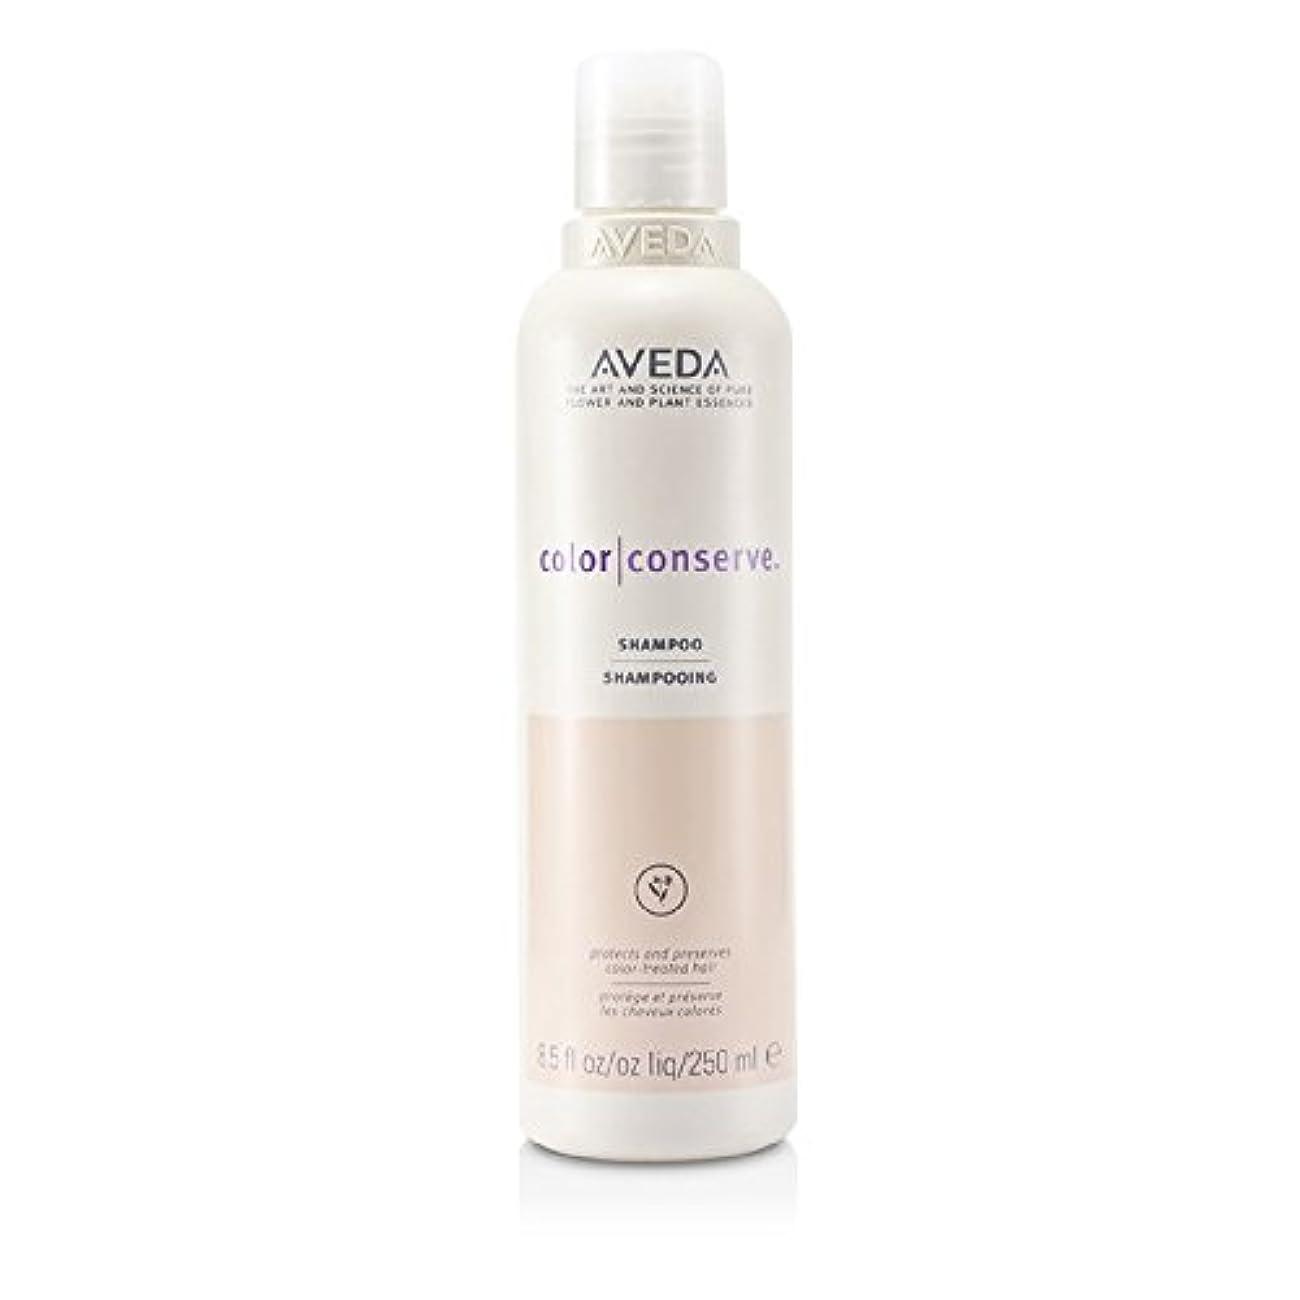 この香水アートアヴェダ カラーコンサーブシャンプー 250ml/8.45oz並行輸入品